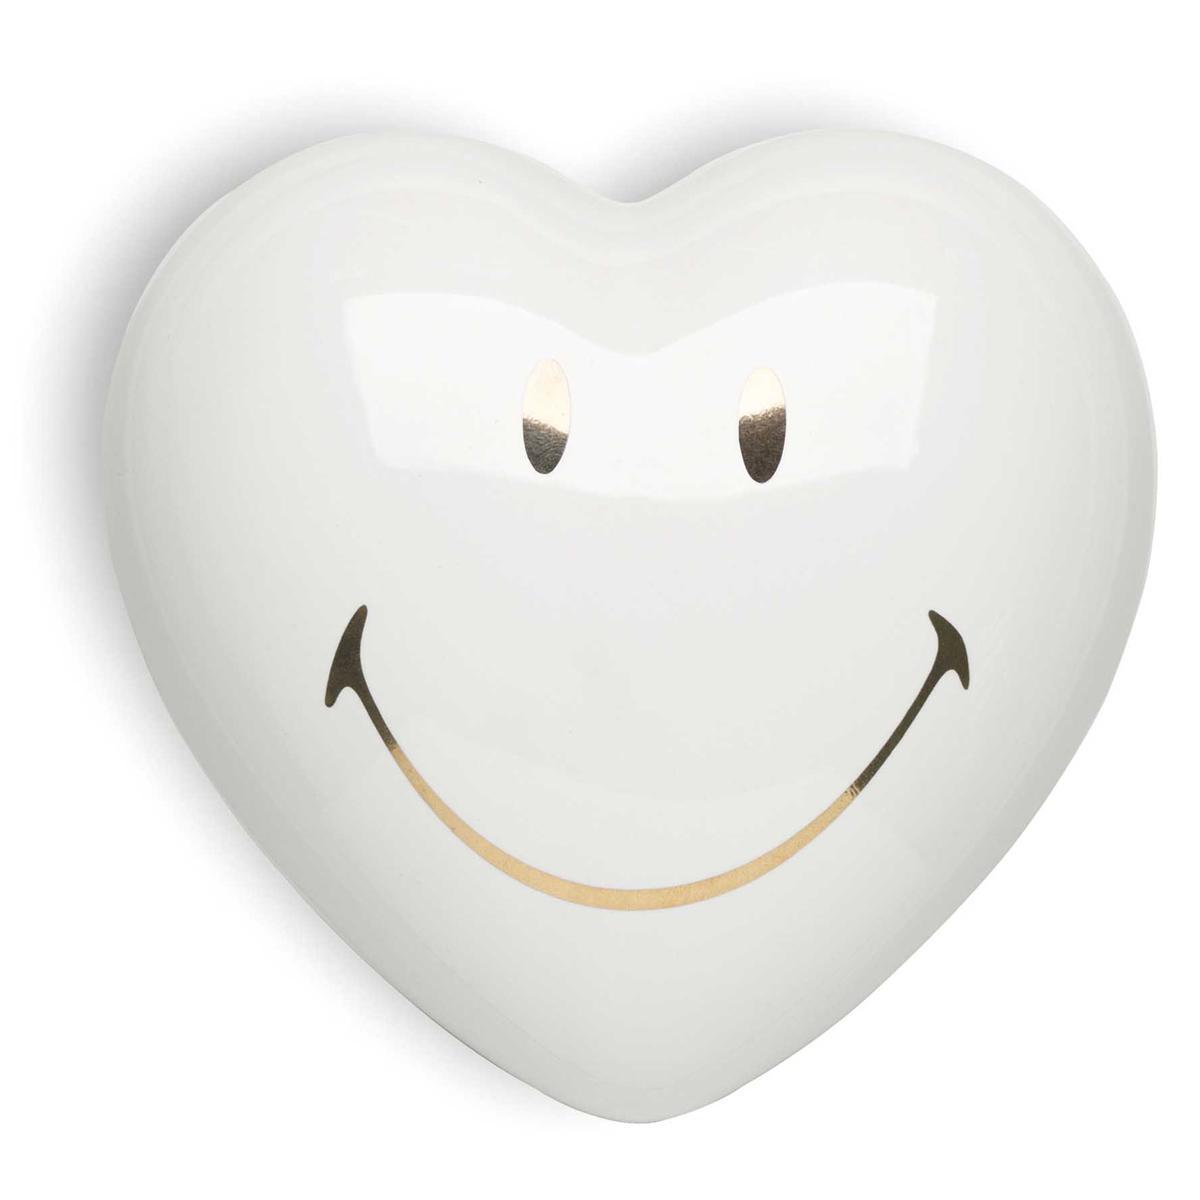 Cuore di ceramica bianca con immagine Smiley certificata in oro